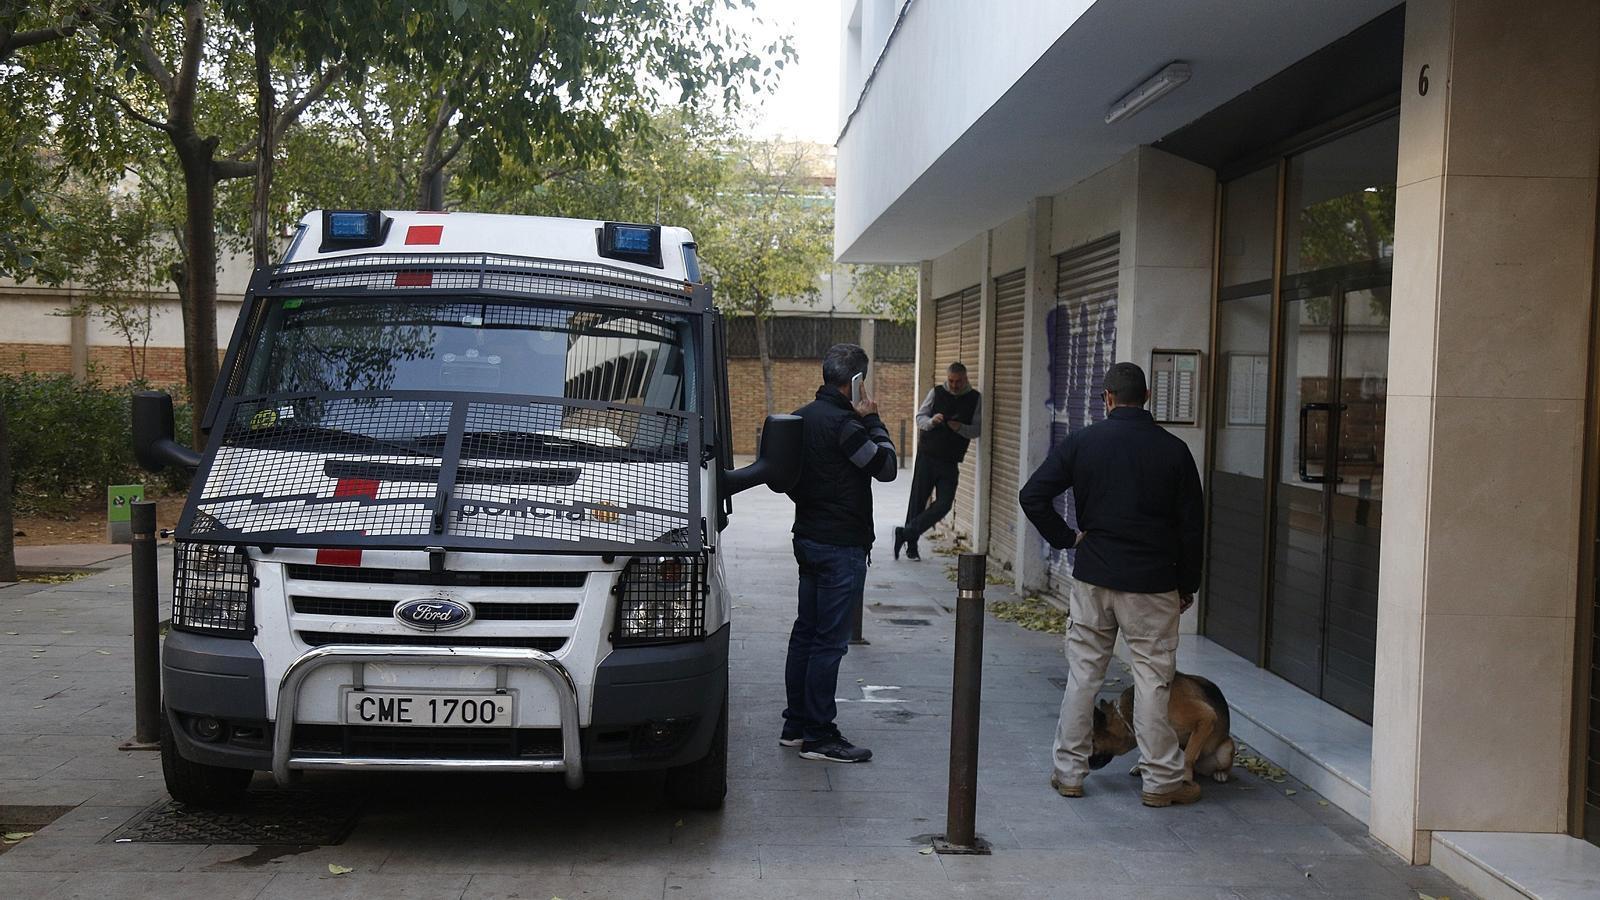 Cop a una xarxa de distribució de droga a Barcelona i l'àrea metropolitana